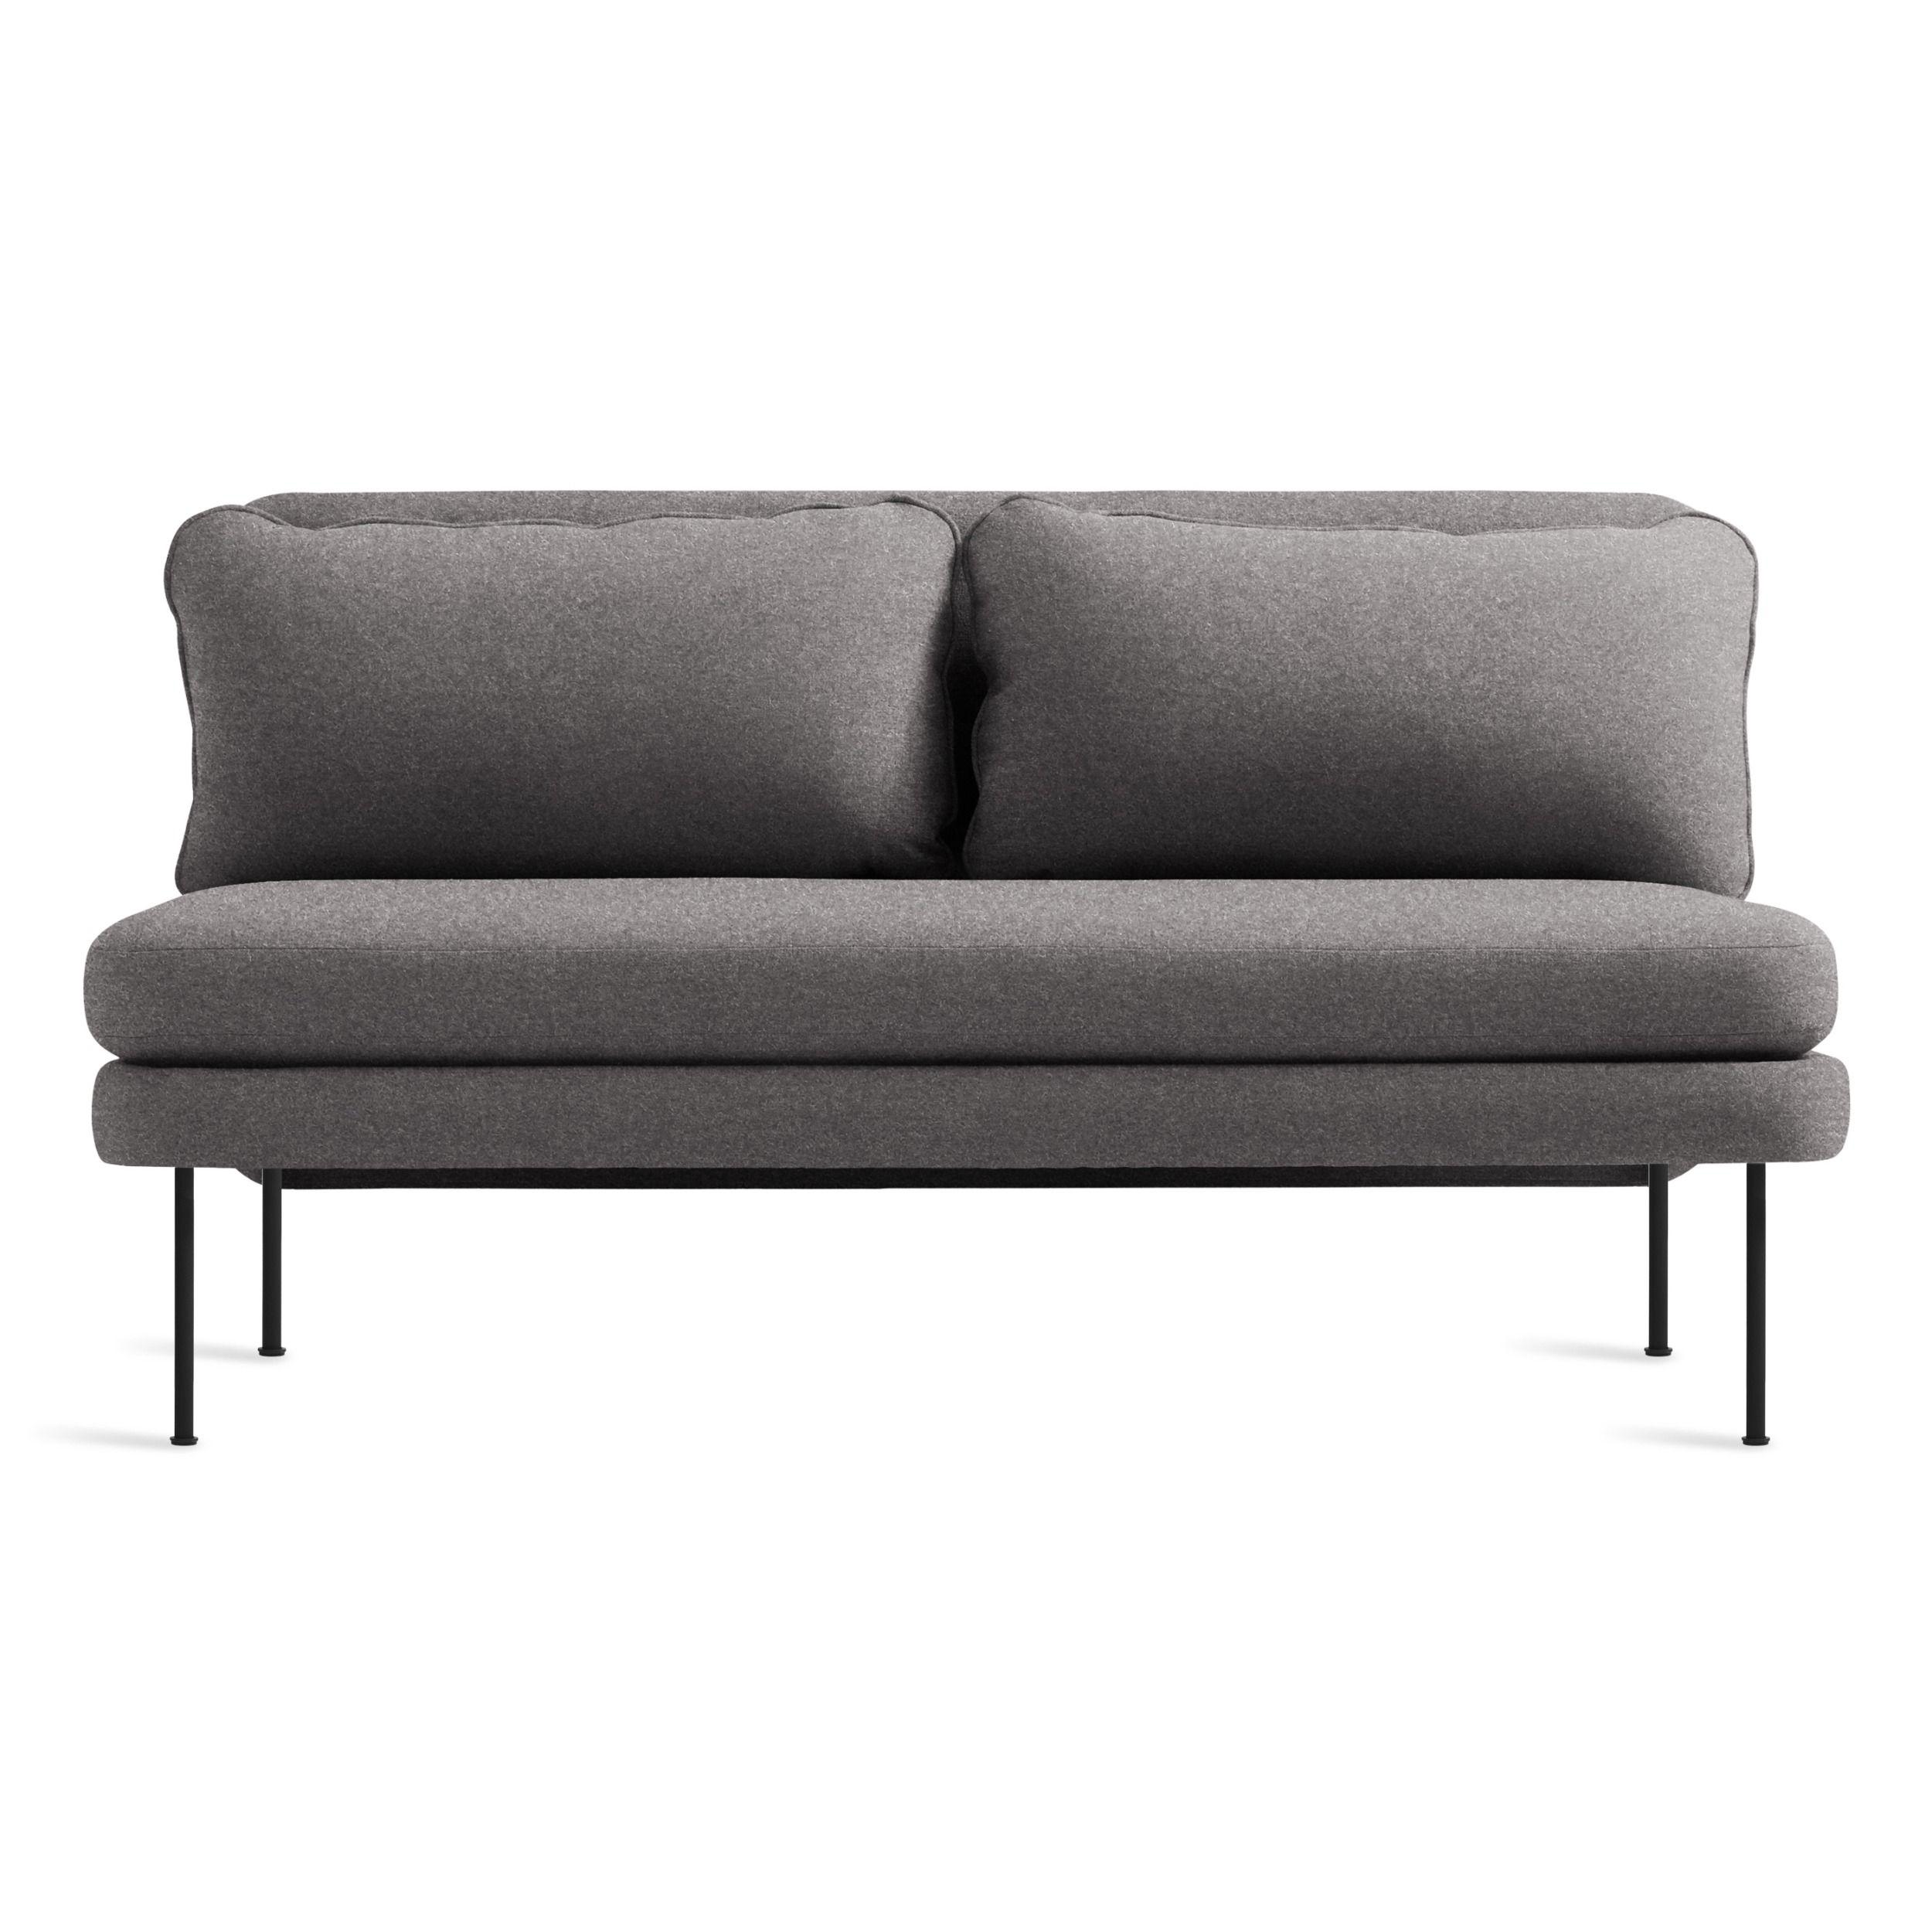 Bloke Armless Sofa Gabro Grey In 2020